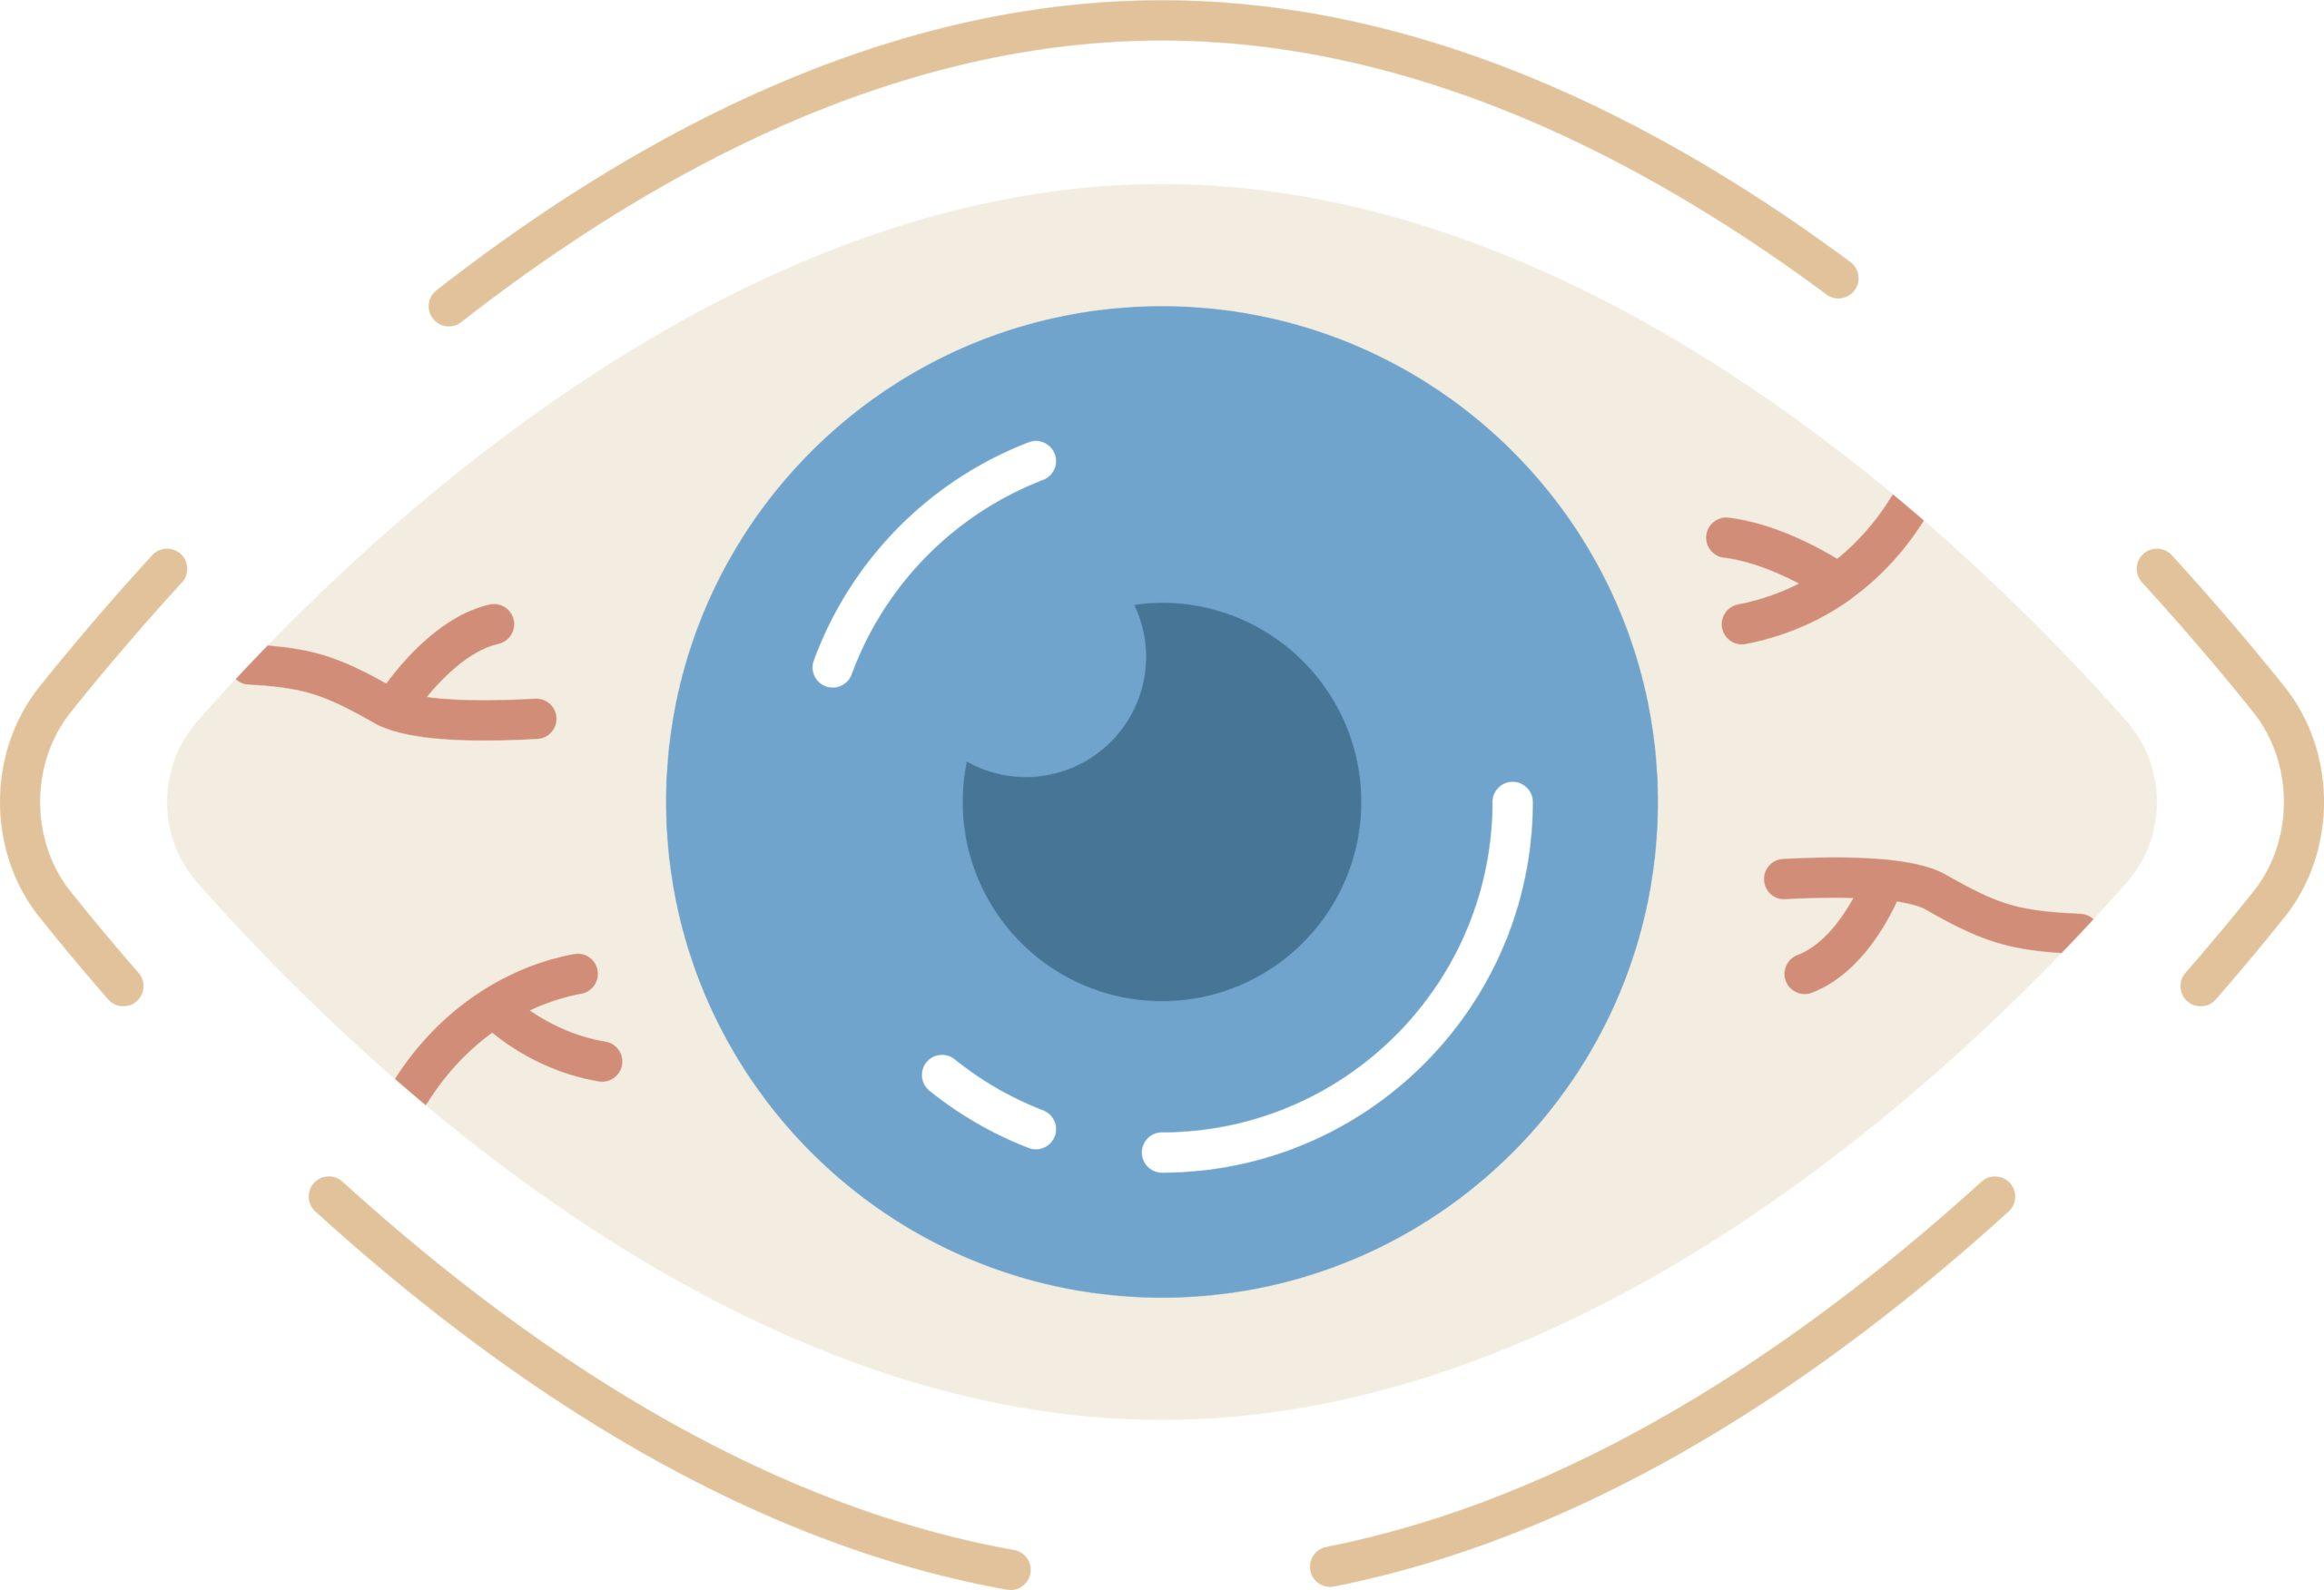 Síndrome del ojo seco: ¿cómo saber si lo padeces?